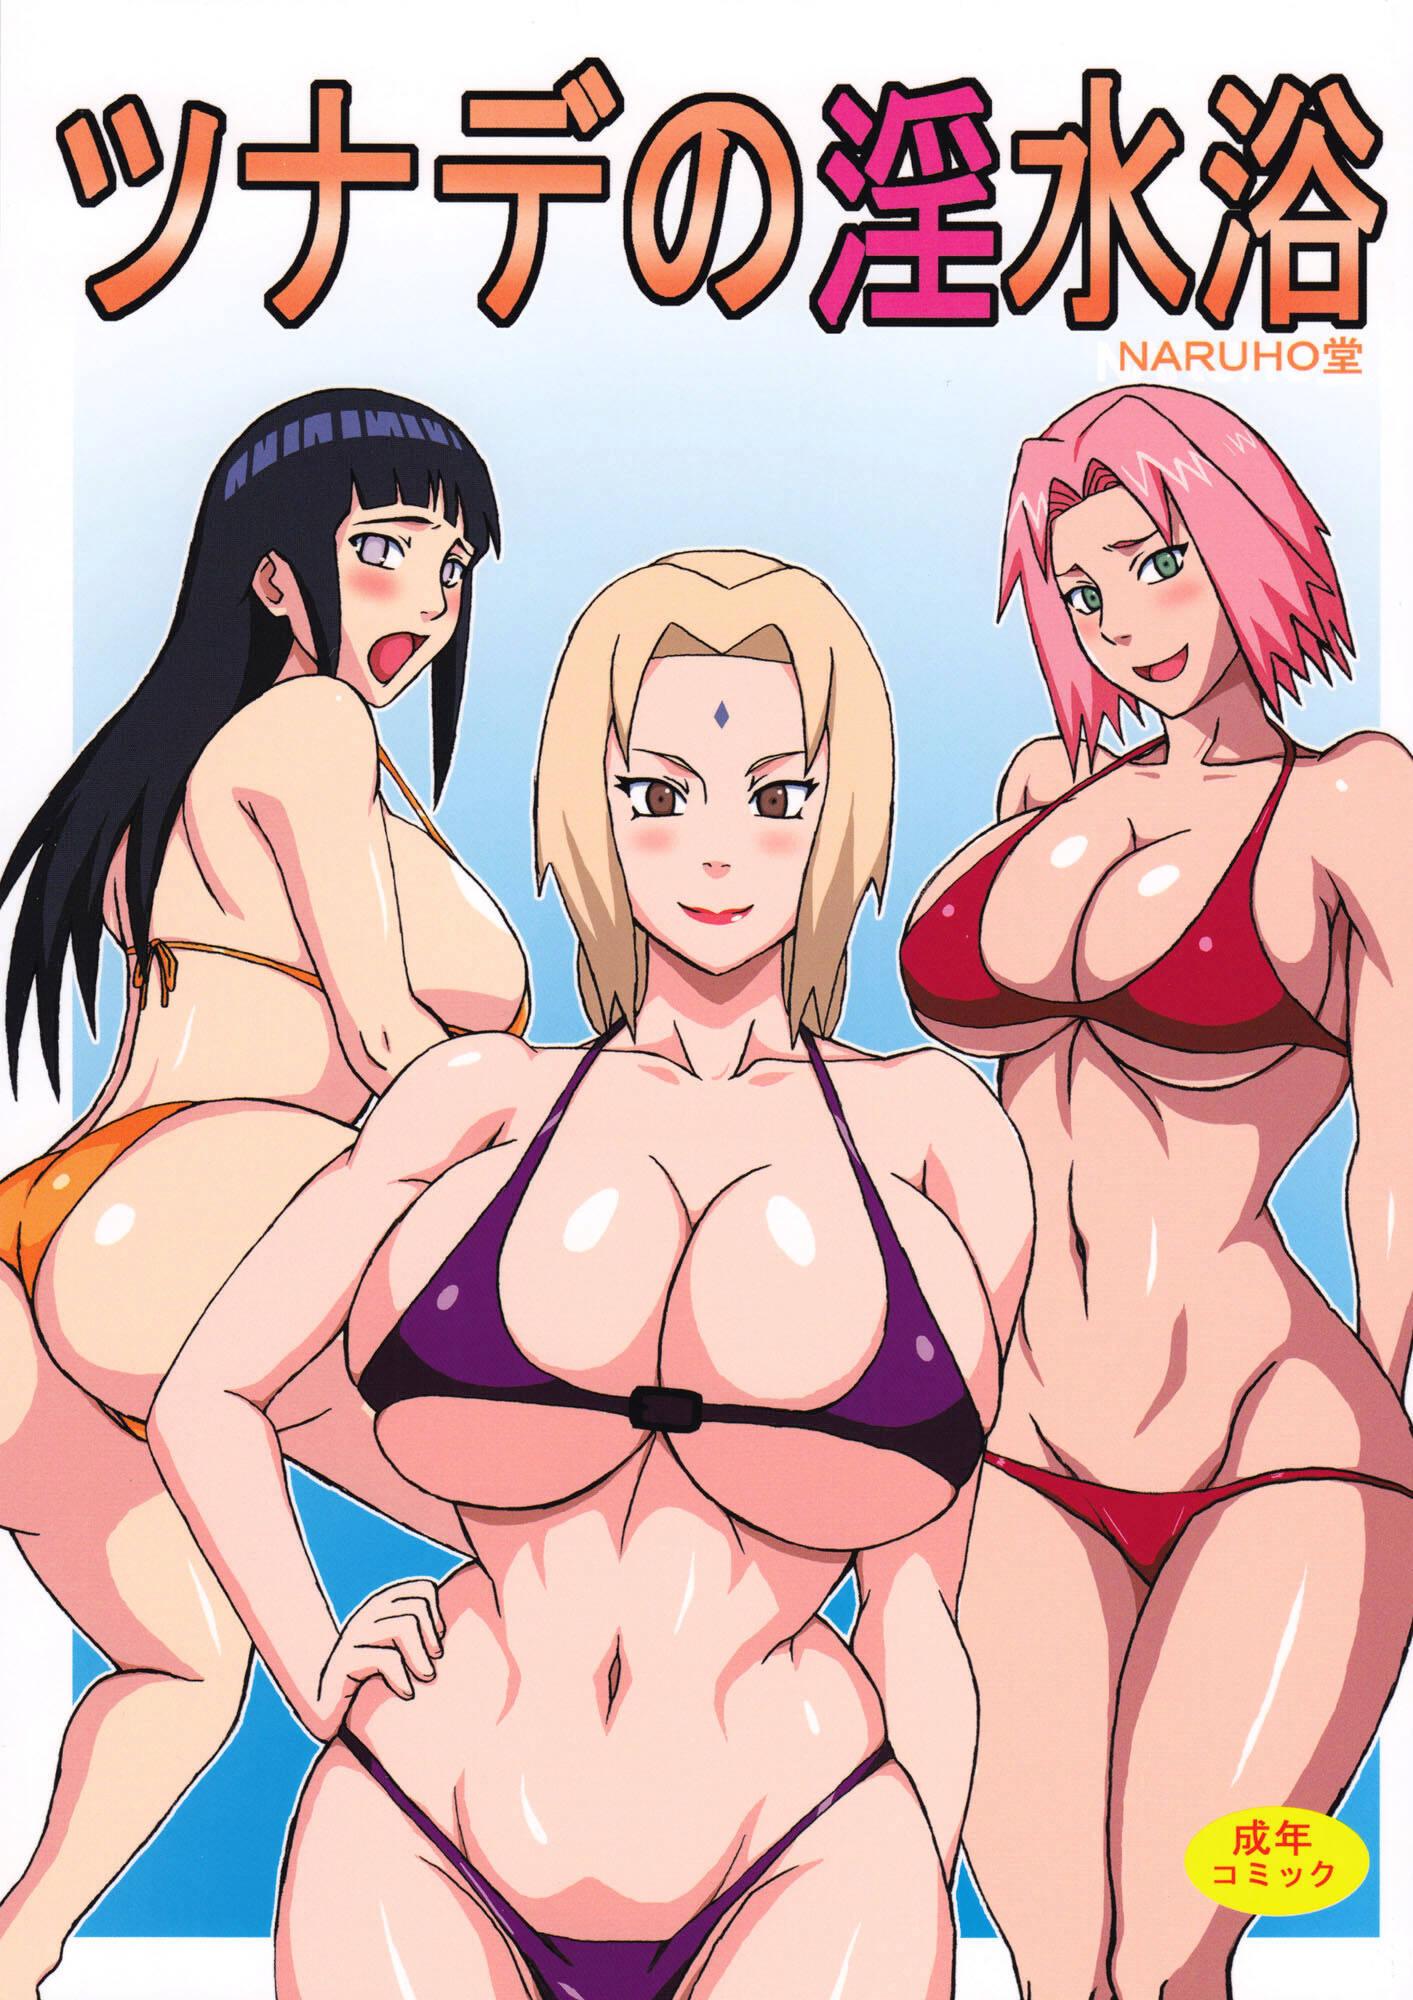 Tsunade's Obscene Beach (German Mono Scan) - page00 Cover Front Naruto,  xxx porn rule34